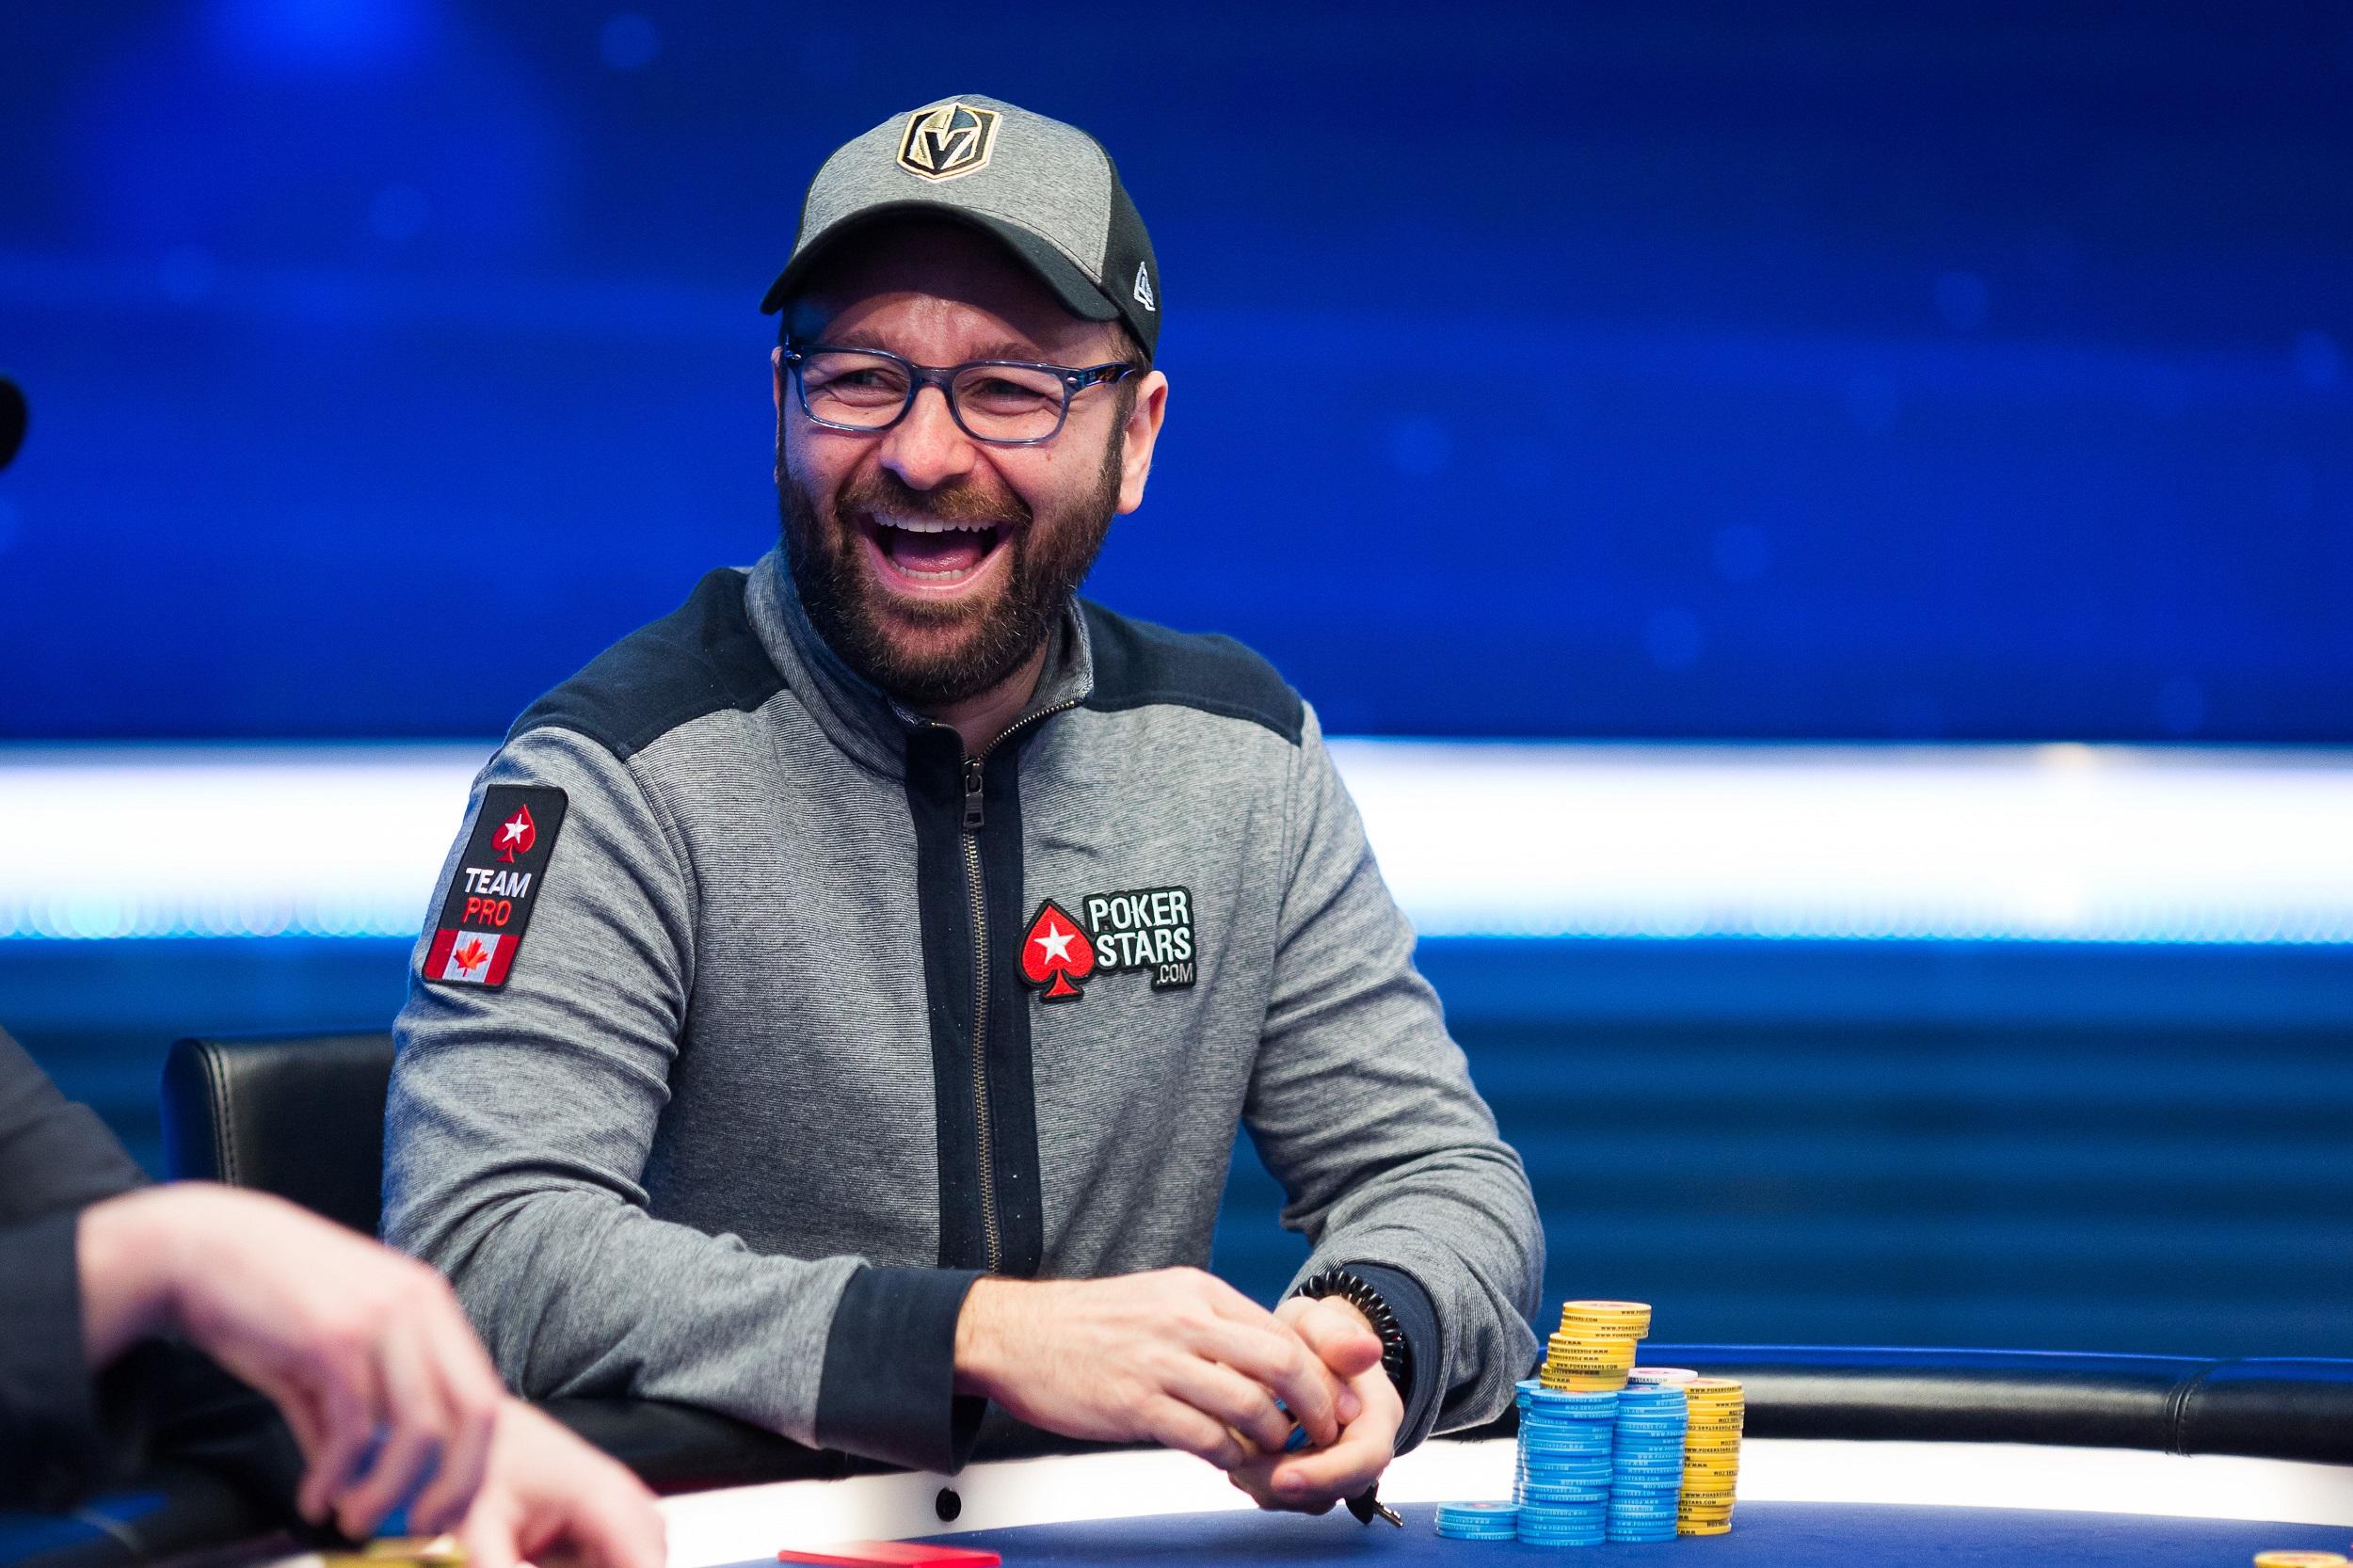 Daniel Negreanu PokerStars